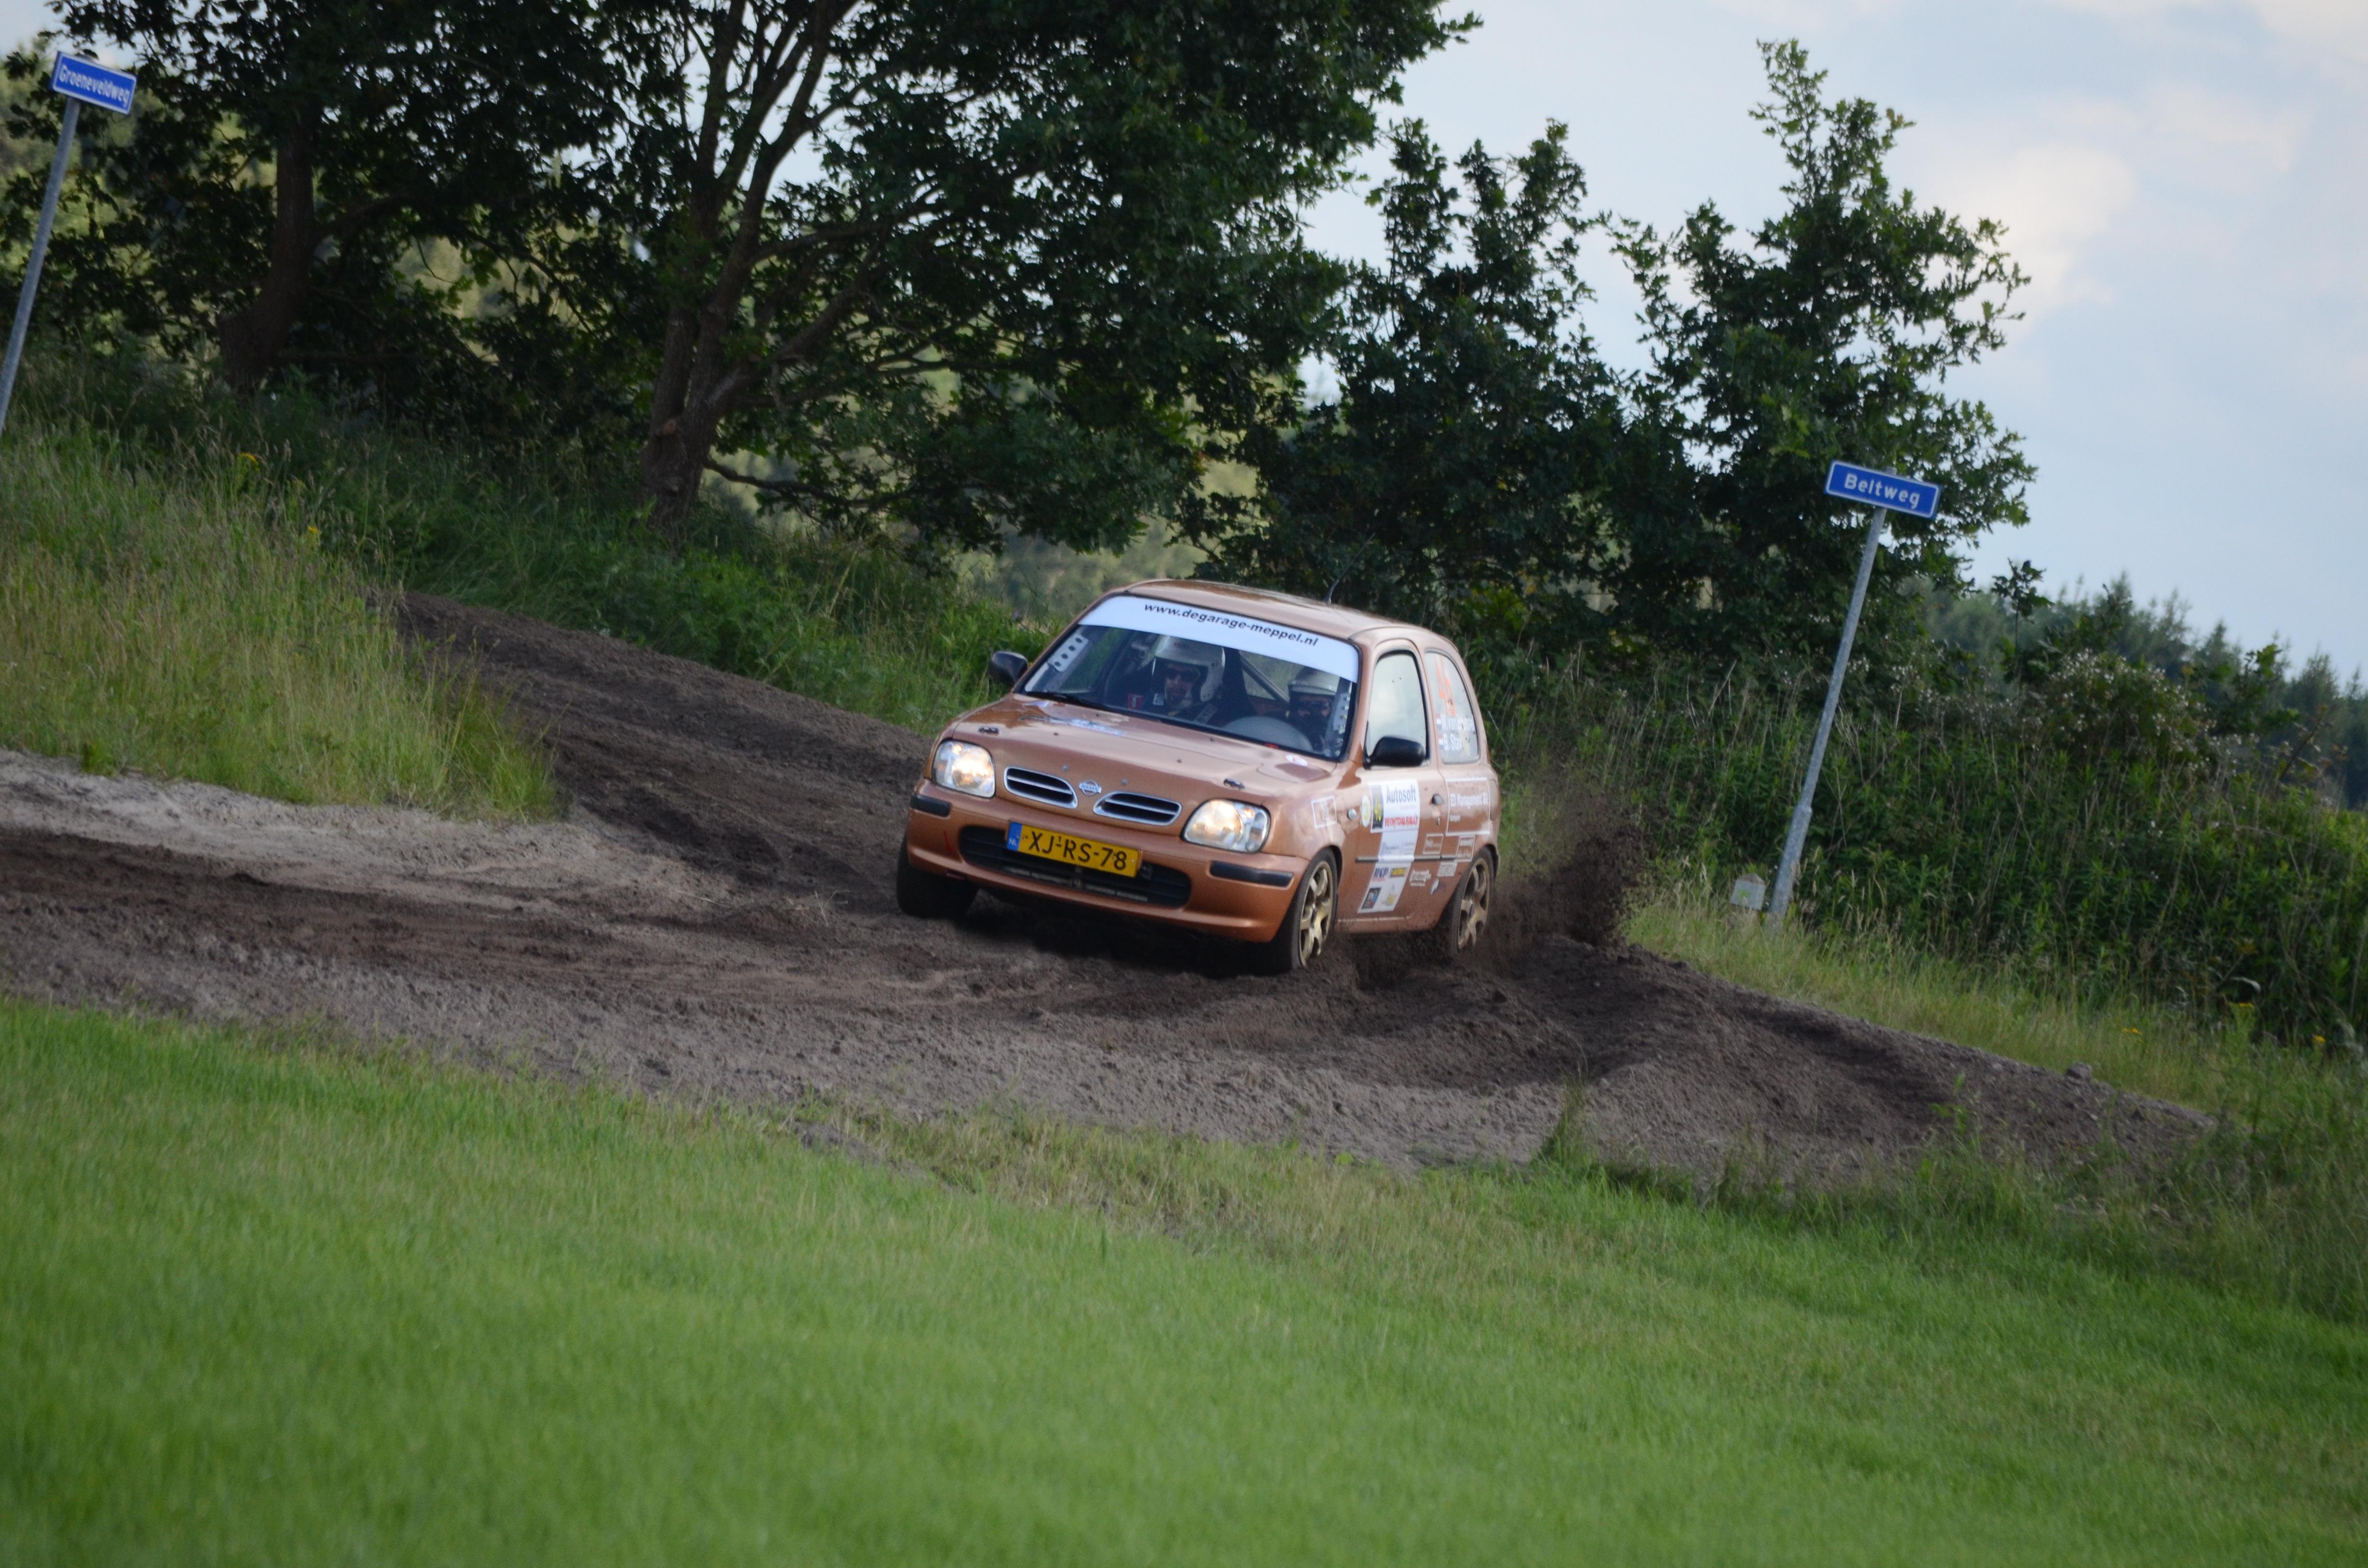 Raymon_Huisjes-rallypics.nl_1